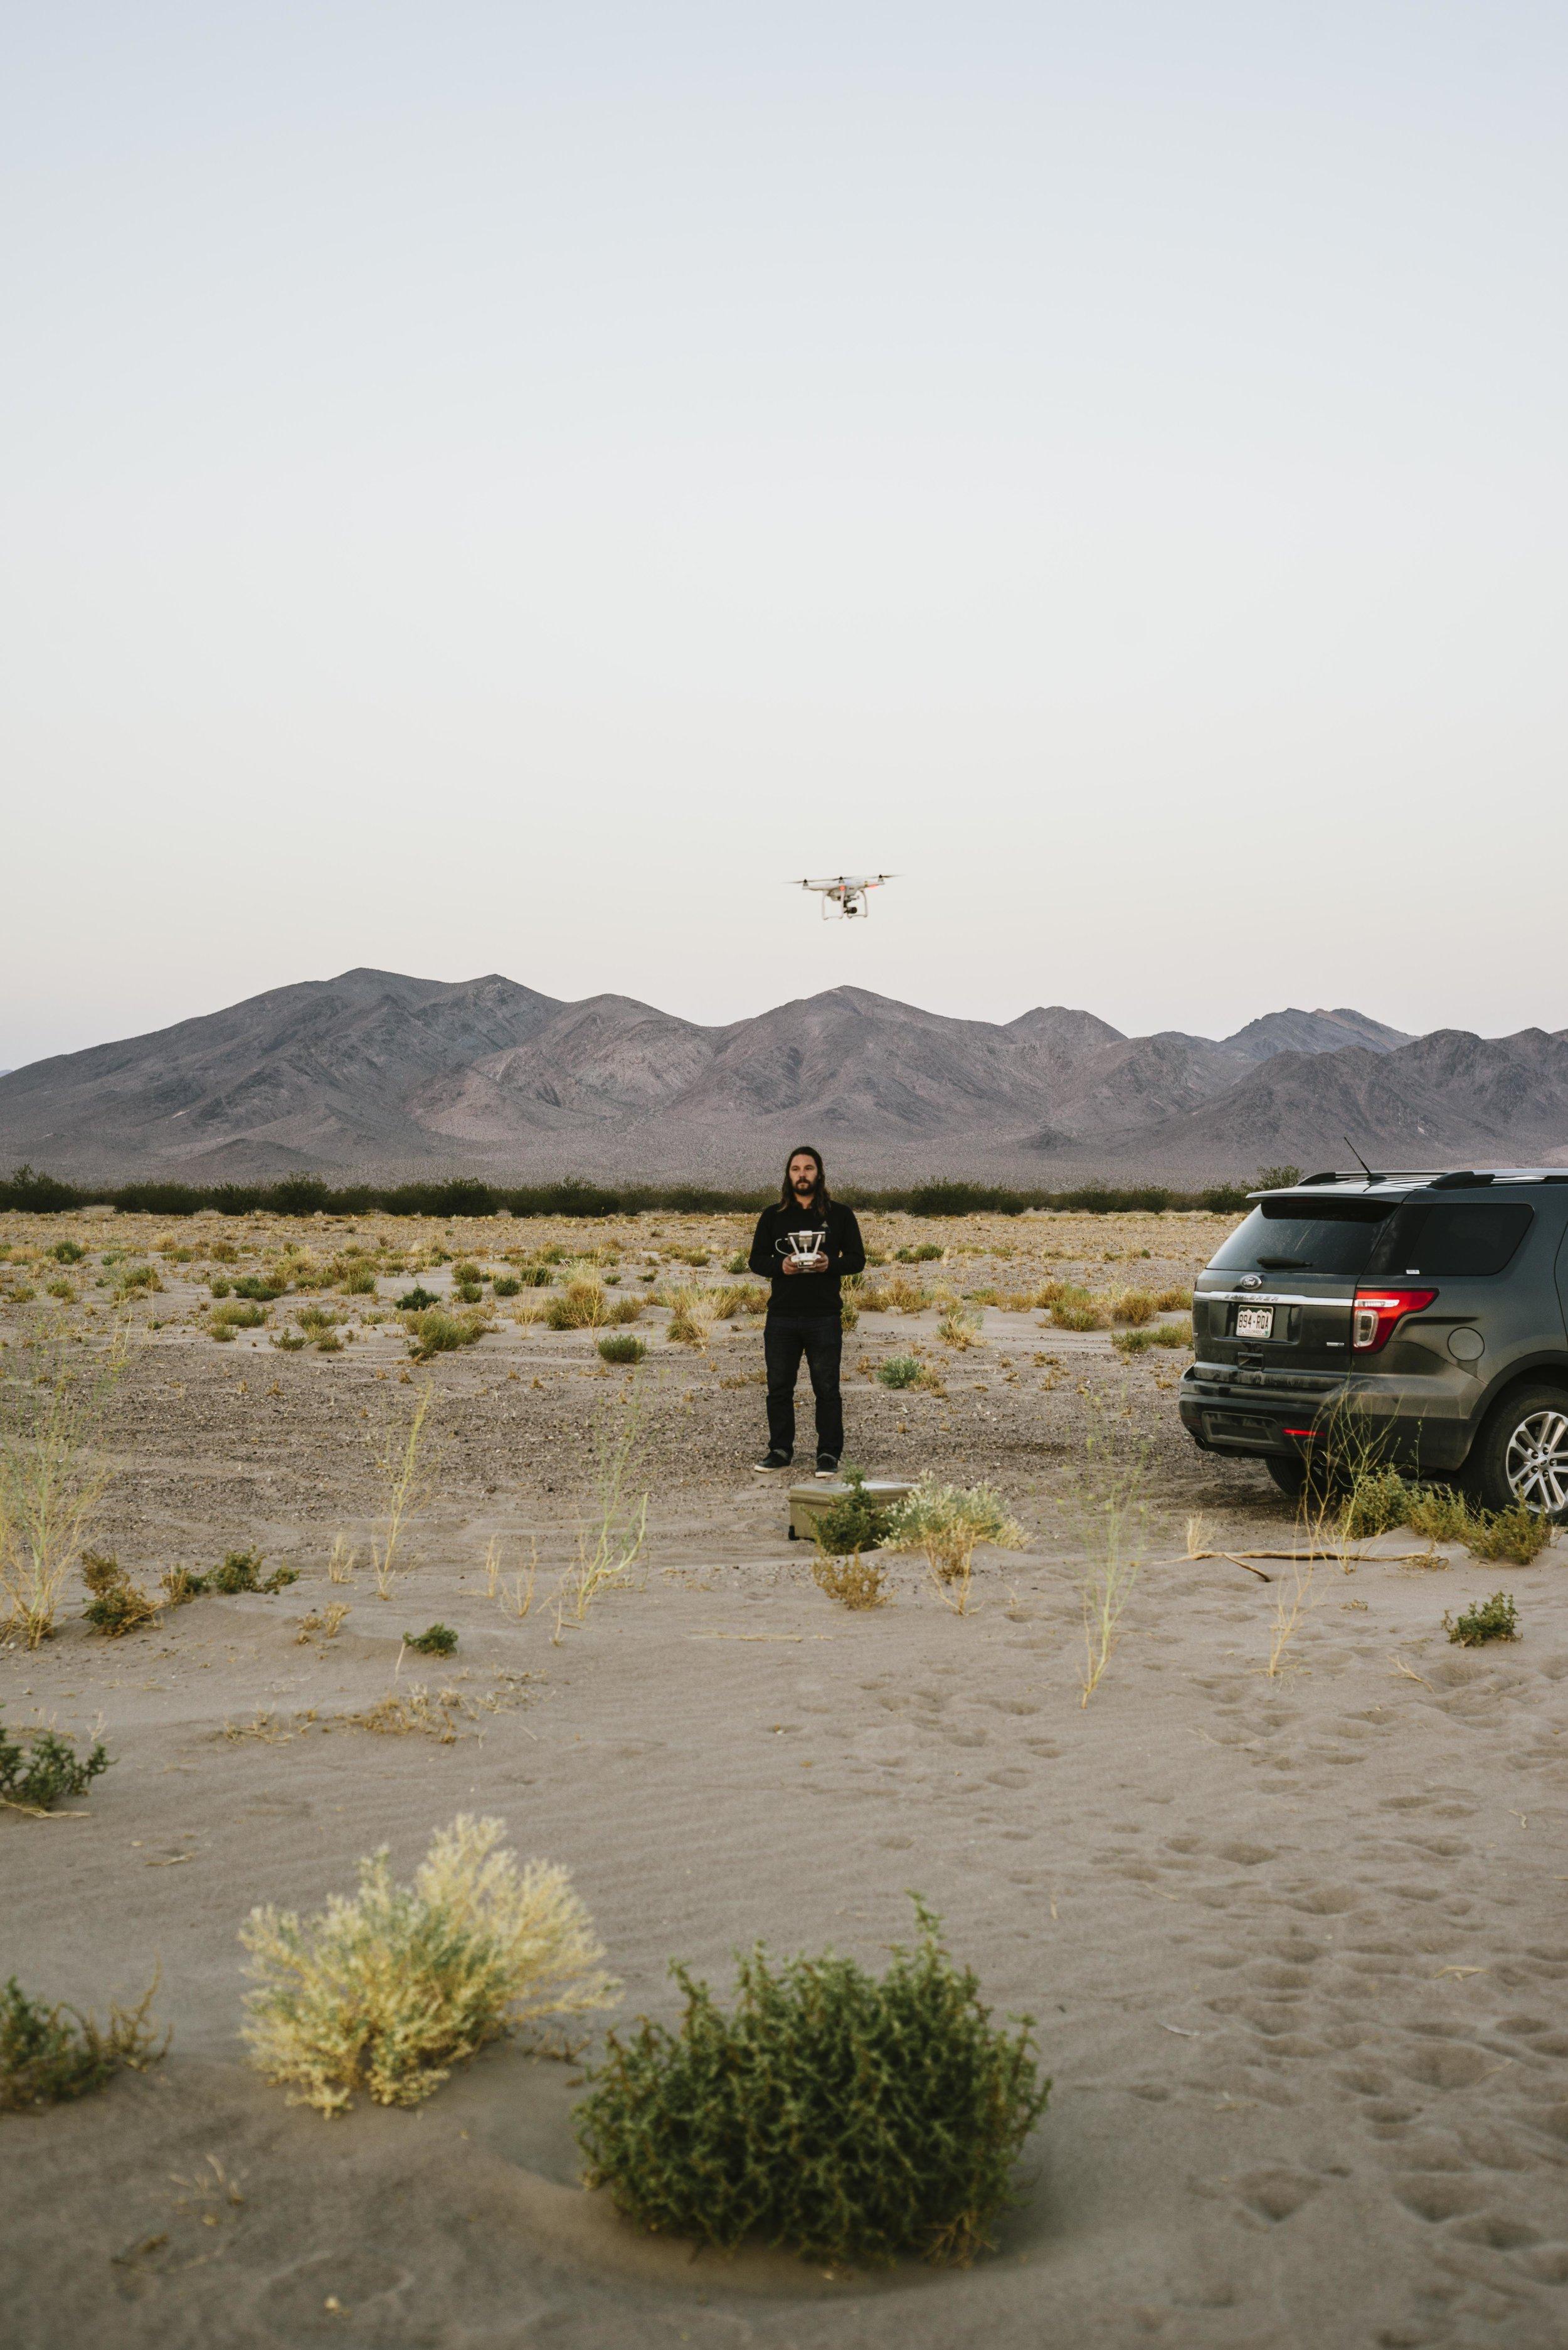 Las Vegas + Photography + Heather Byington + Nevada + Eric Schleicher + Jamiel Nowparvar + Favorite Child Music Video